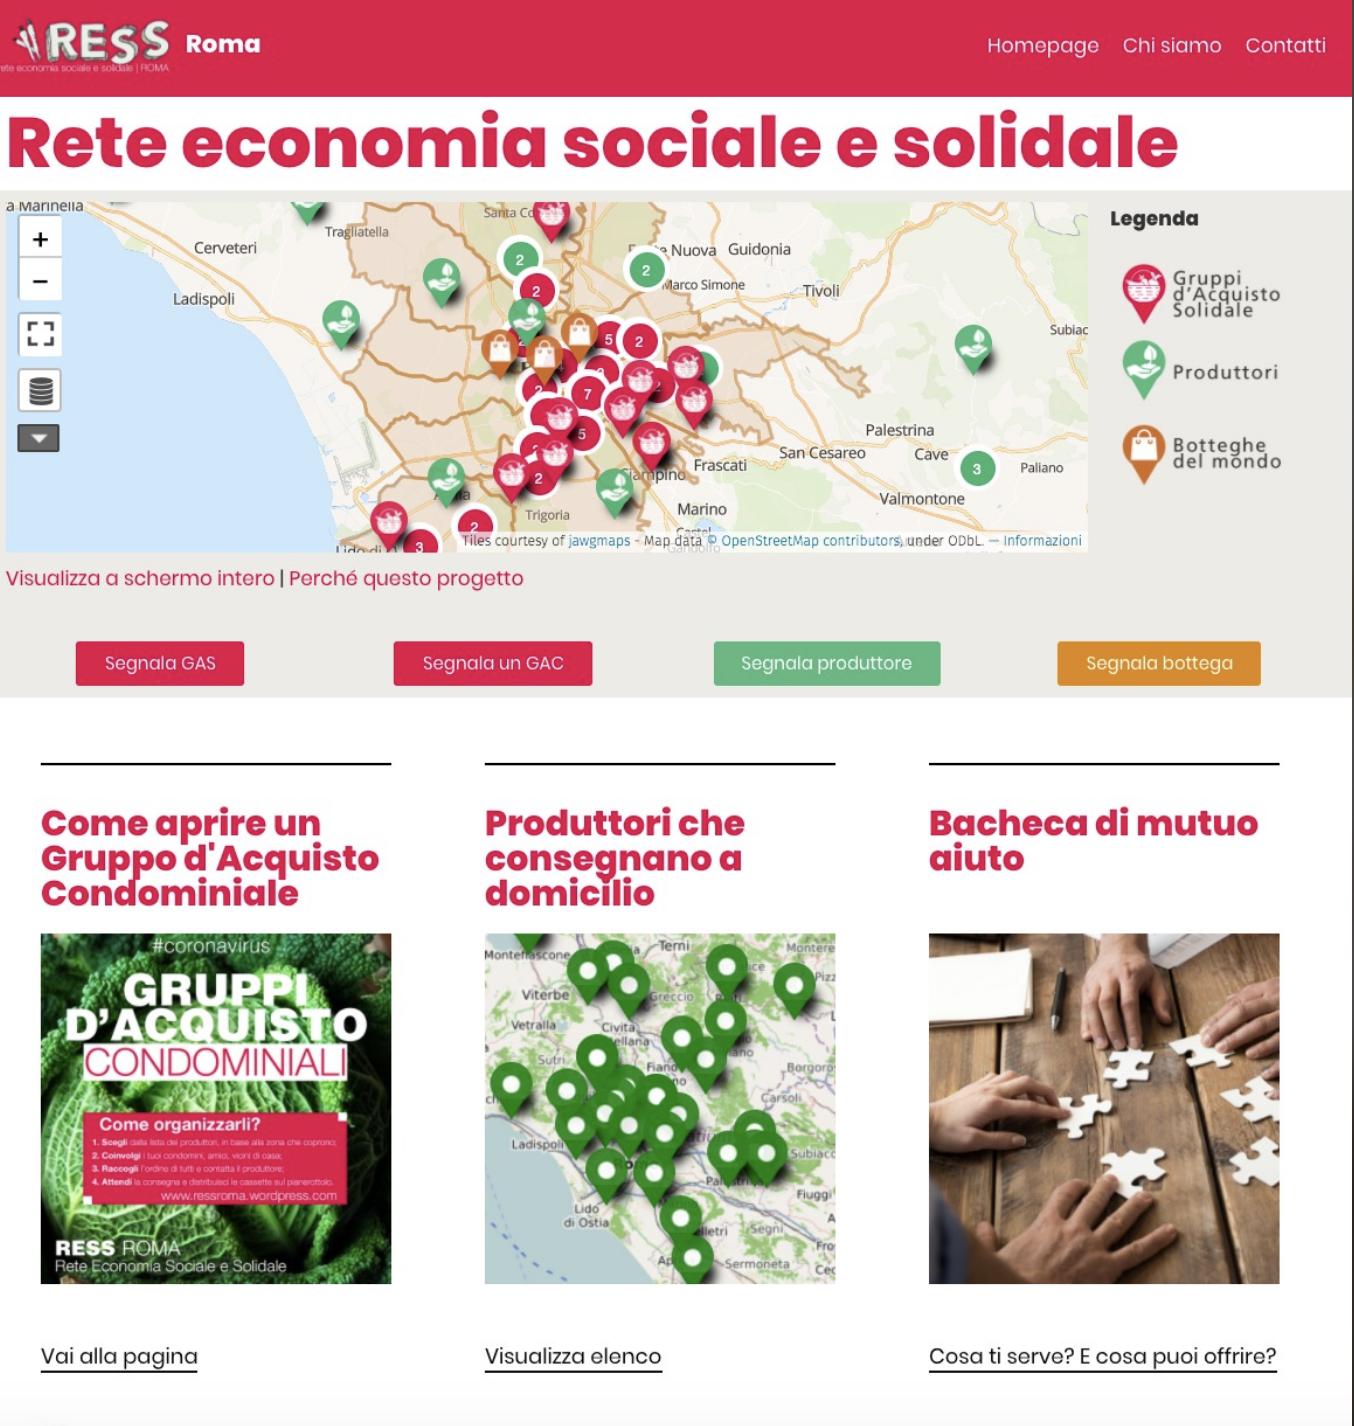 rete economia sociale solidale